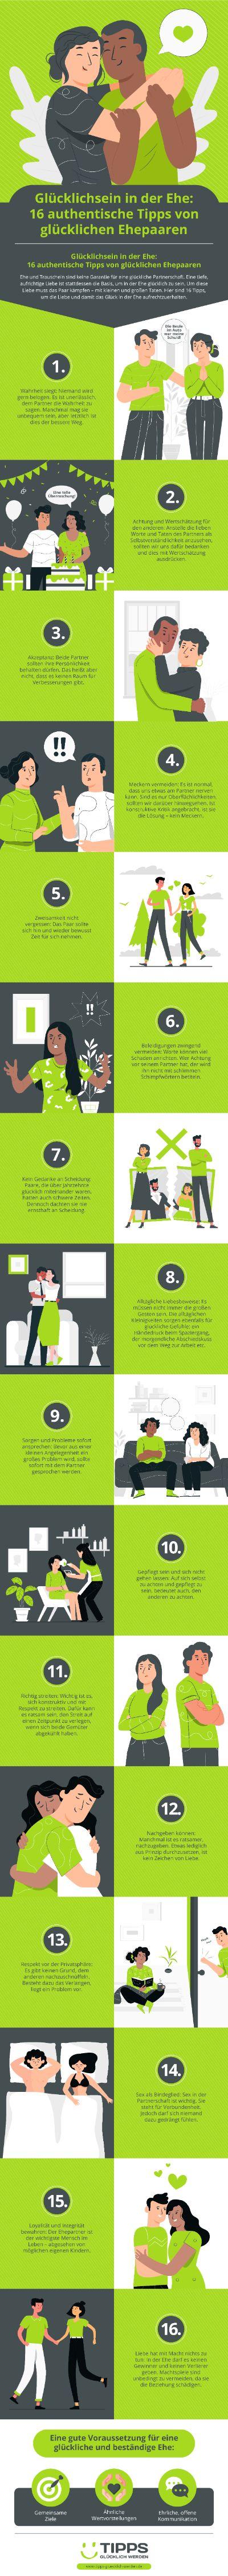 Infografik Glücklich Sein In Der Ehe: Den Trauschein Nicht Als Garantie Ansehen